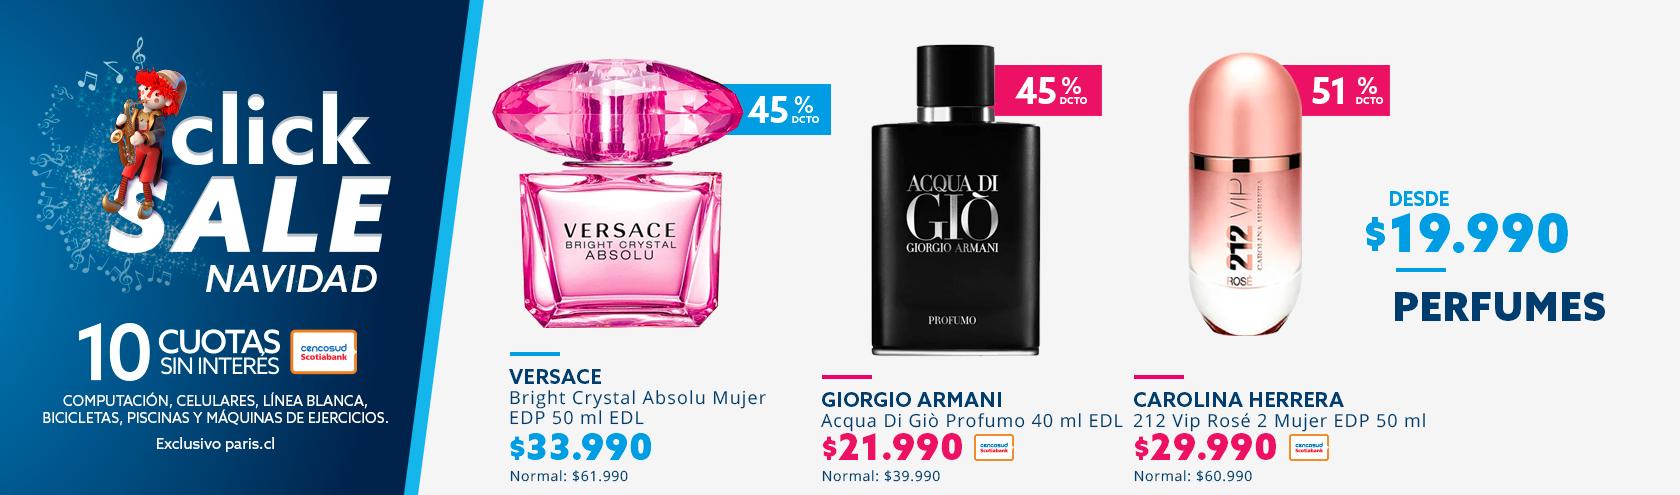 Desde 19990 pesos en perfumes